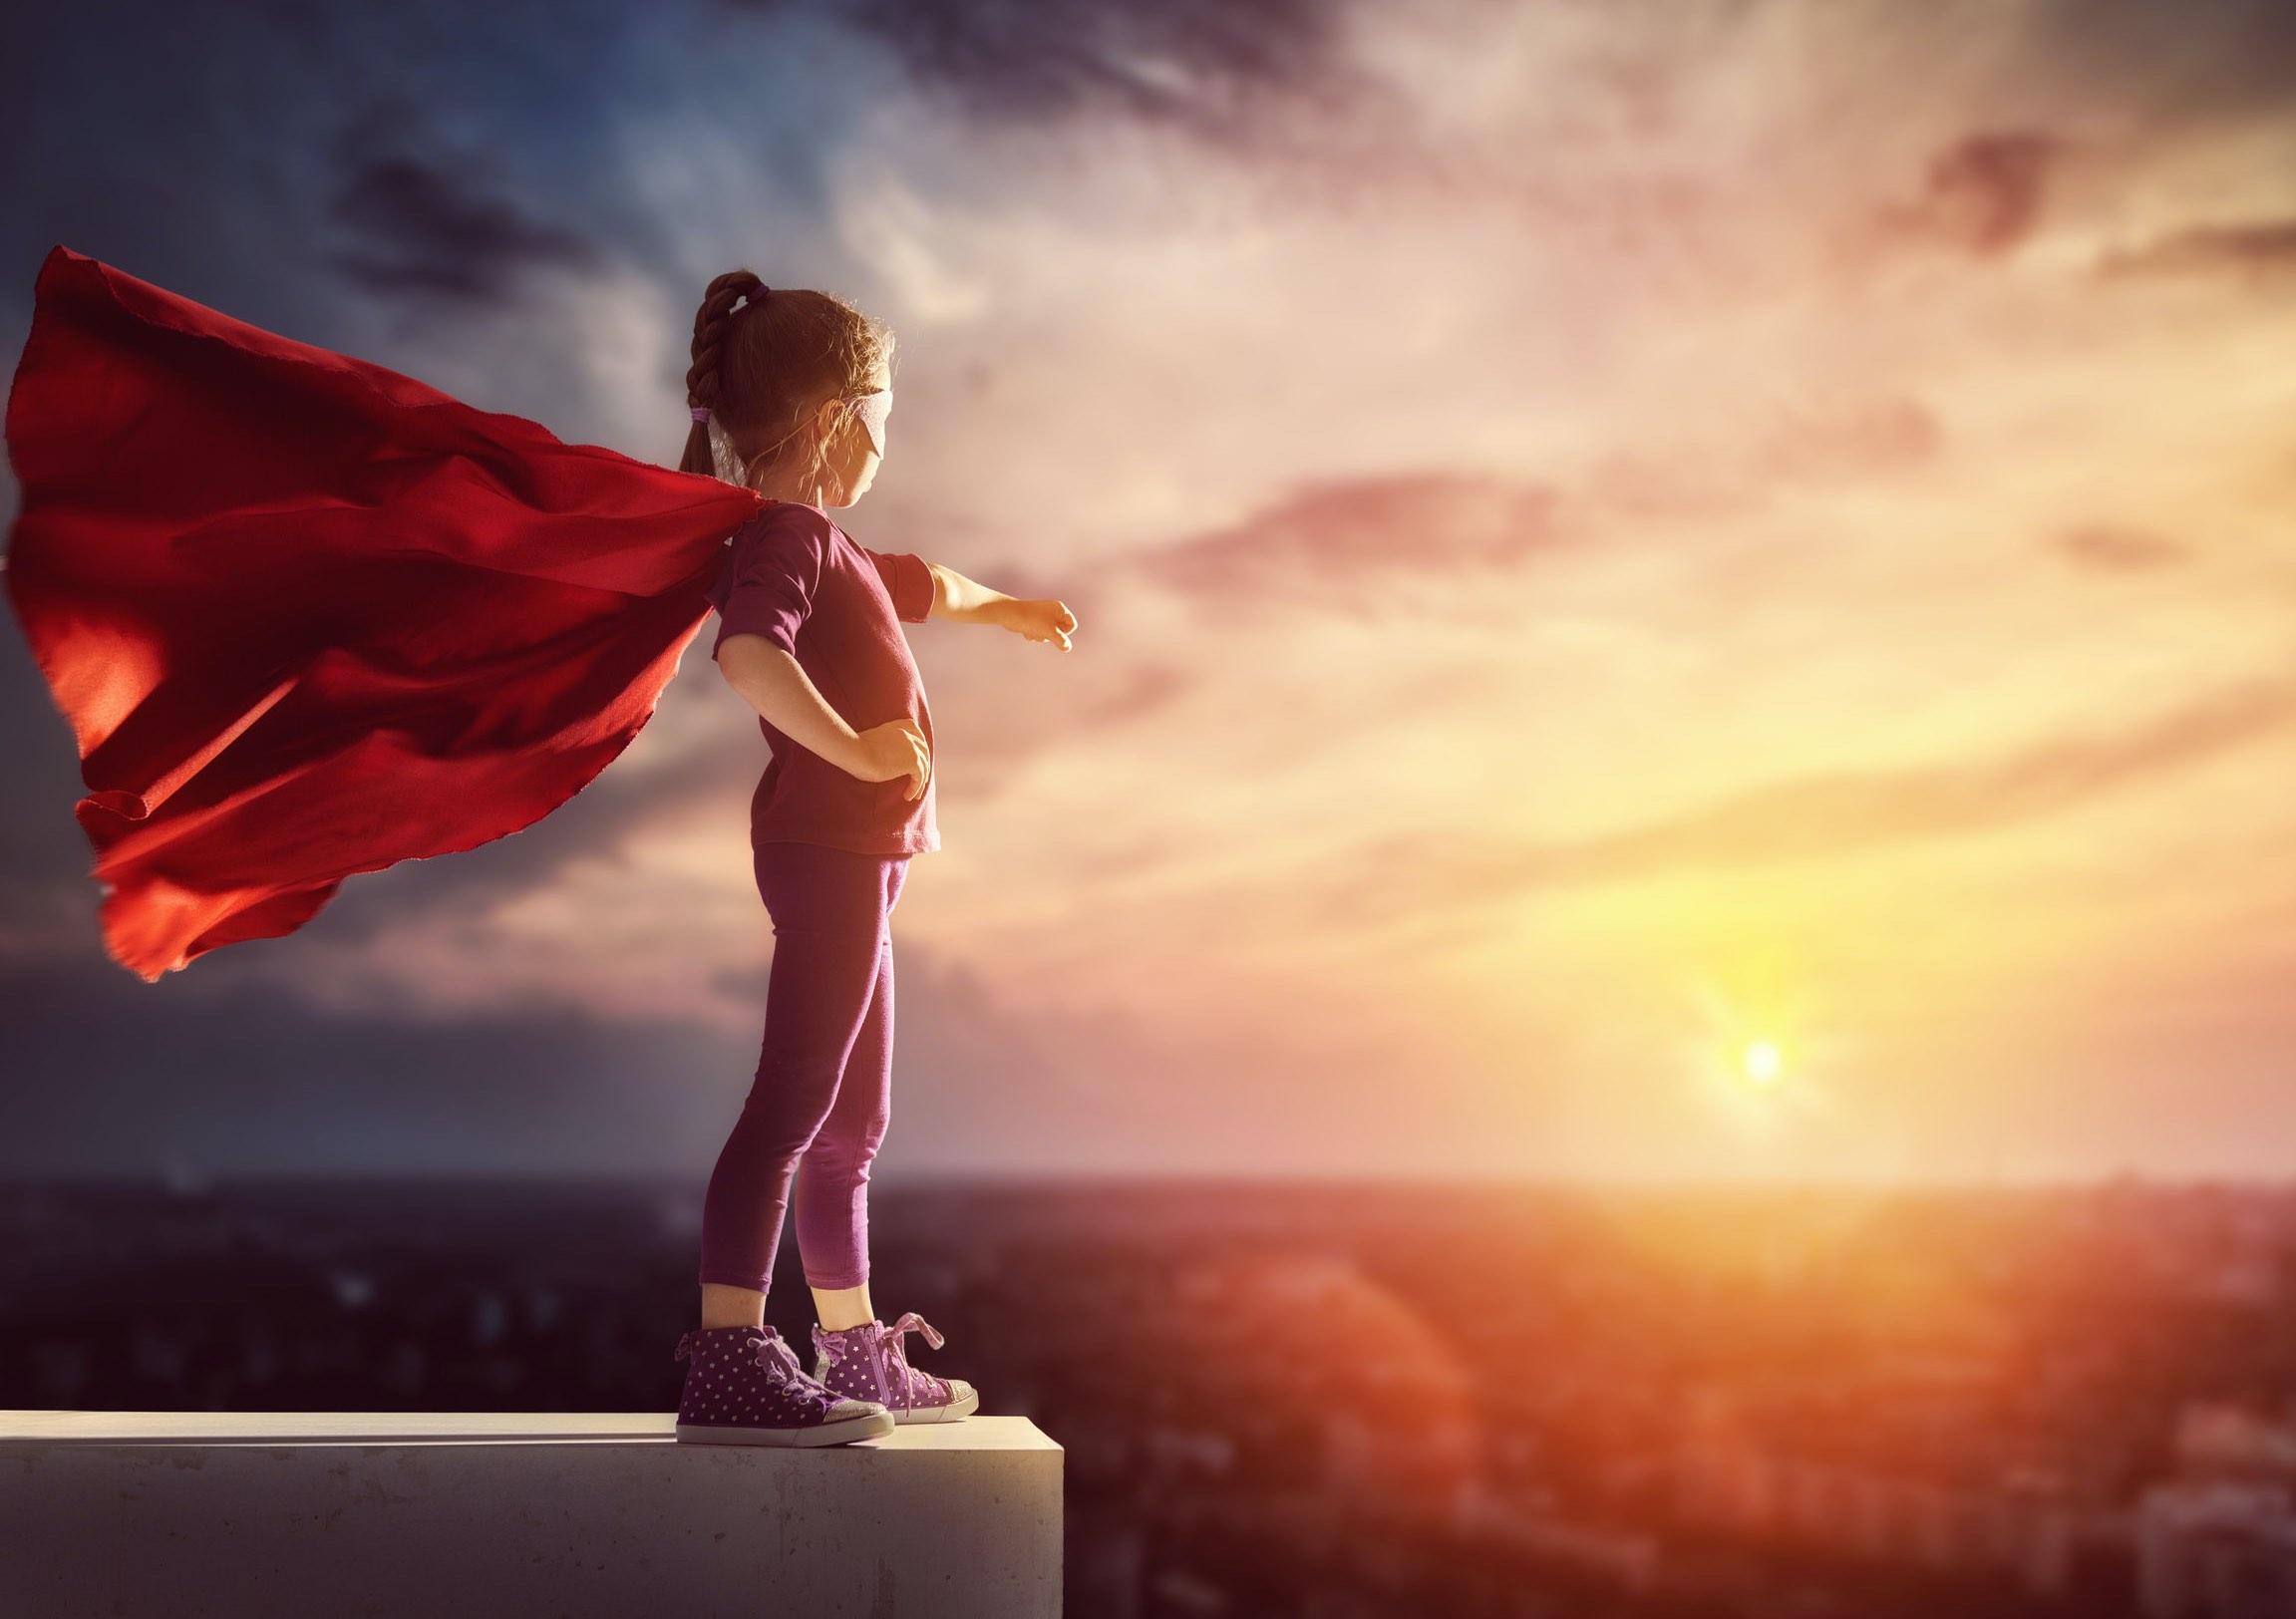 Young girl as a superhero